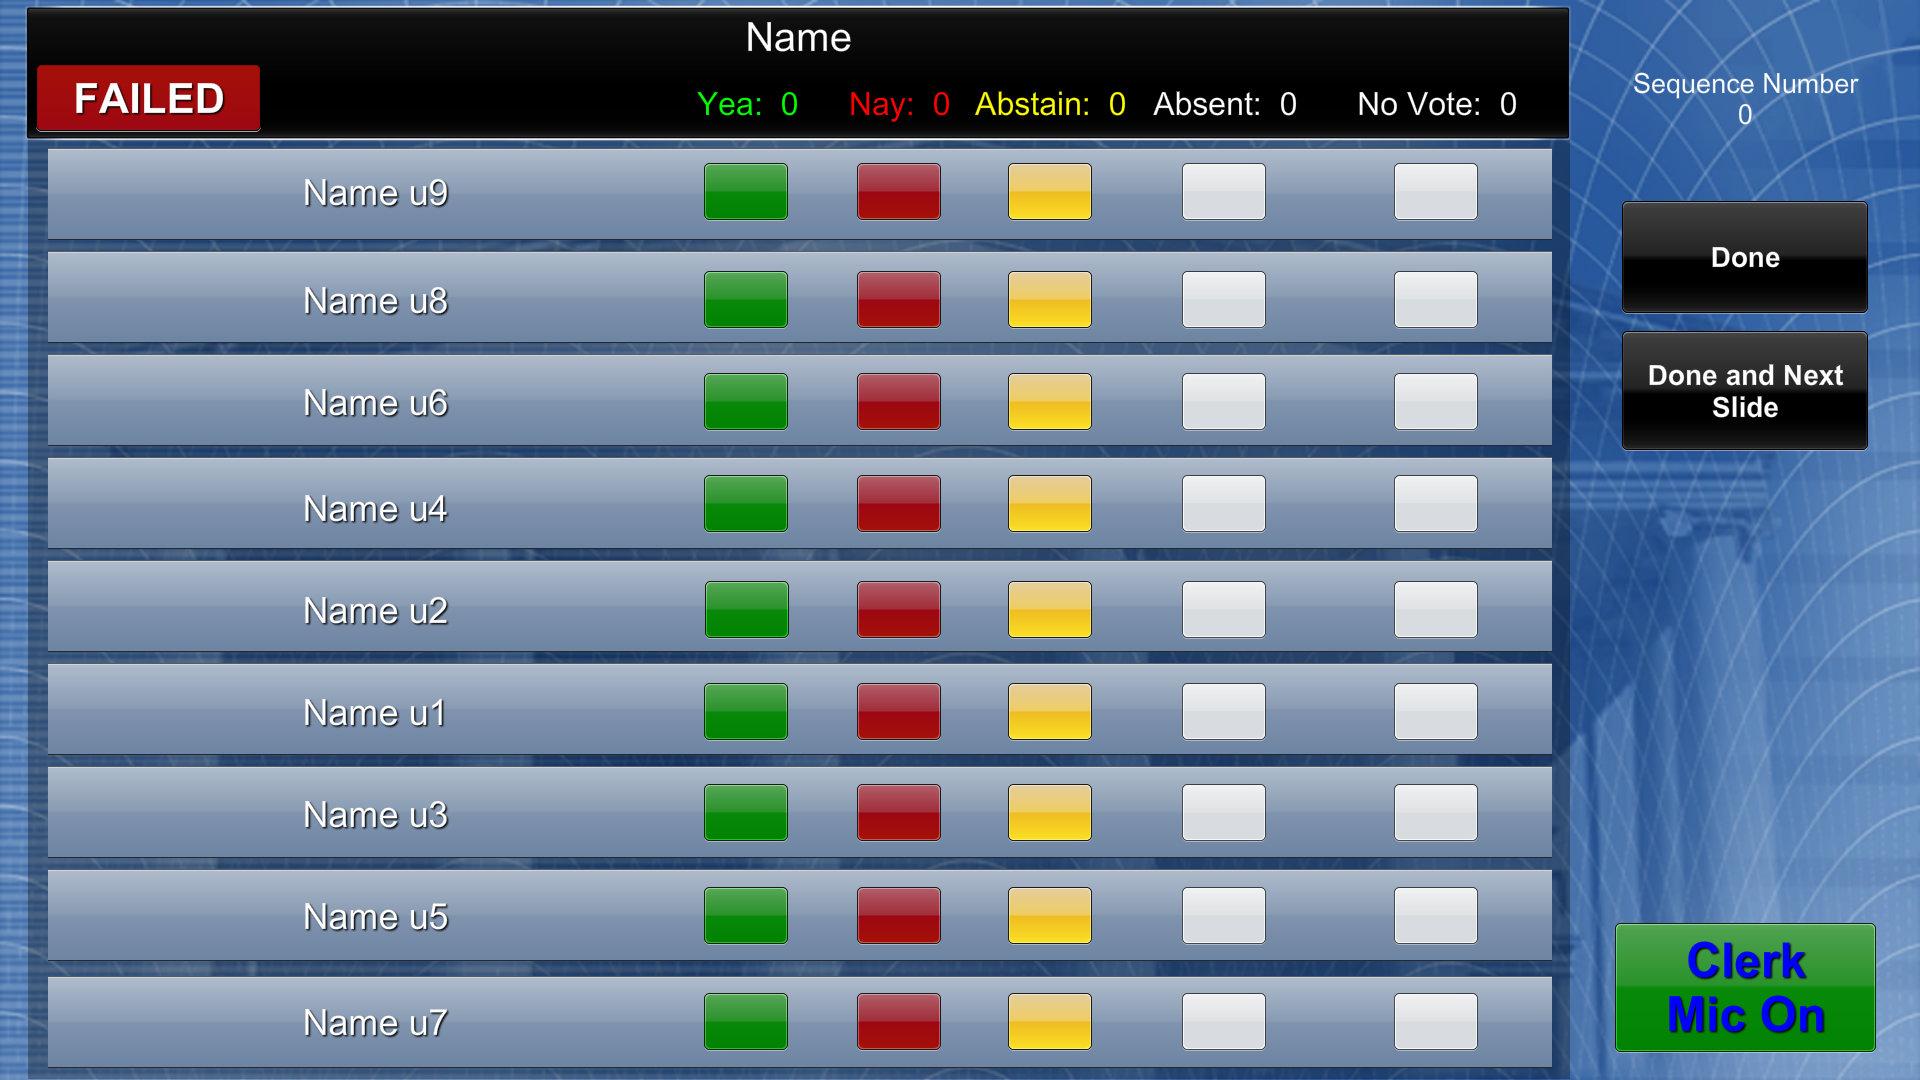 st john clerk dge100 v0.2_Vote Results.jpg